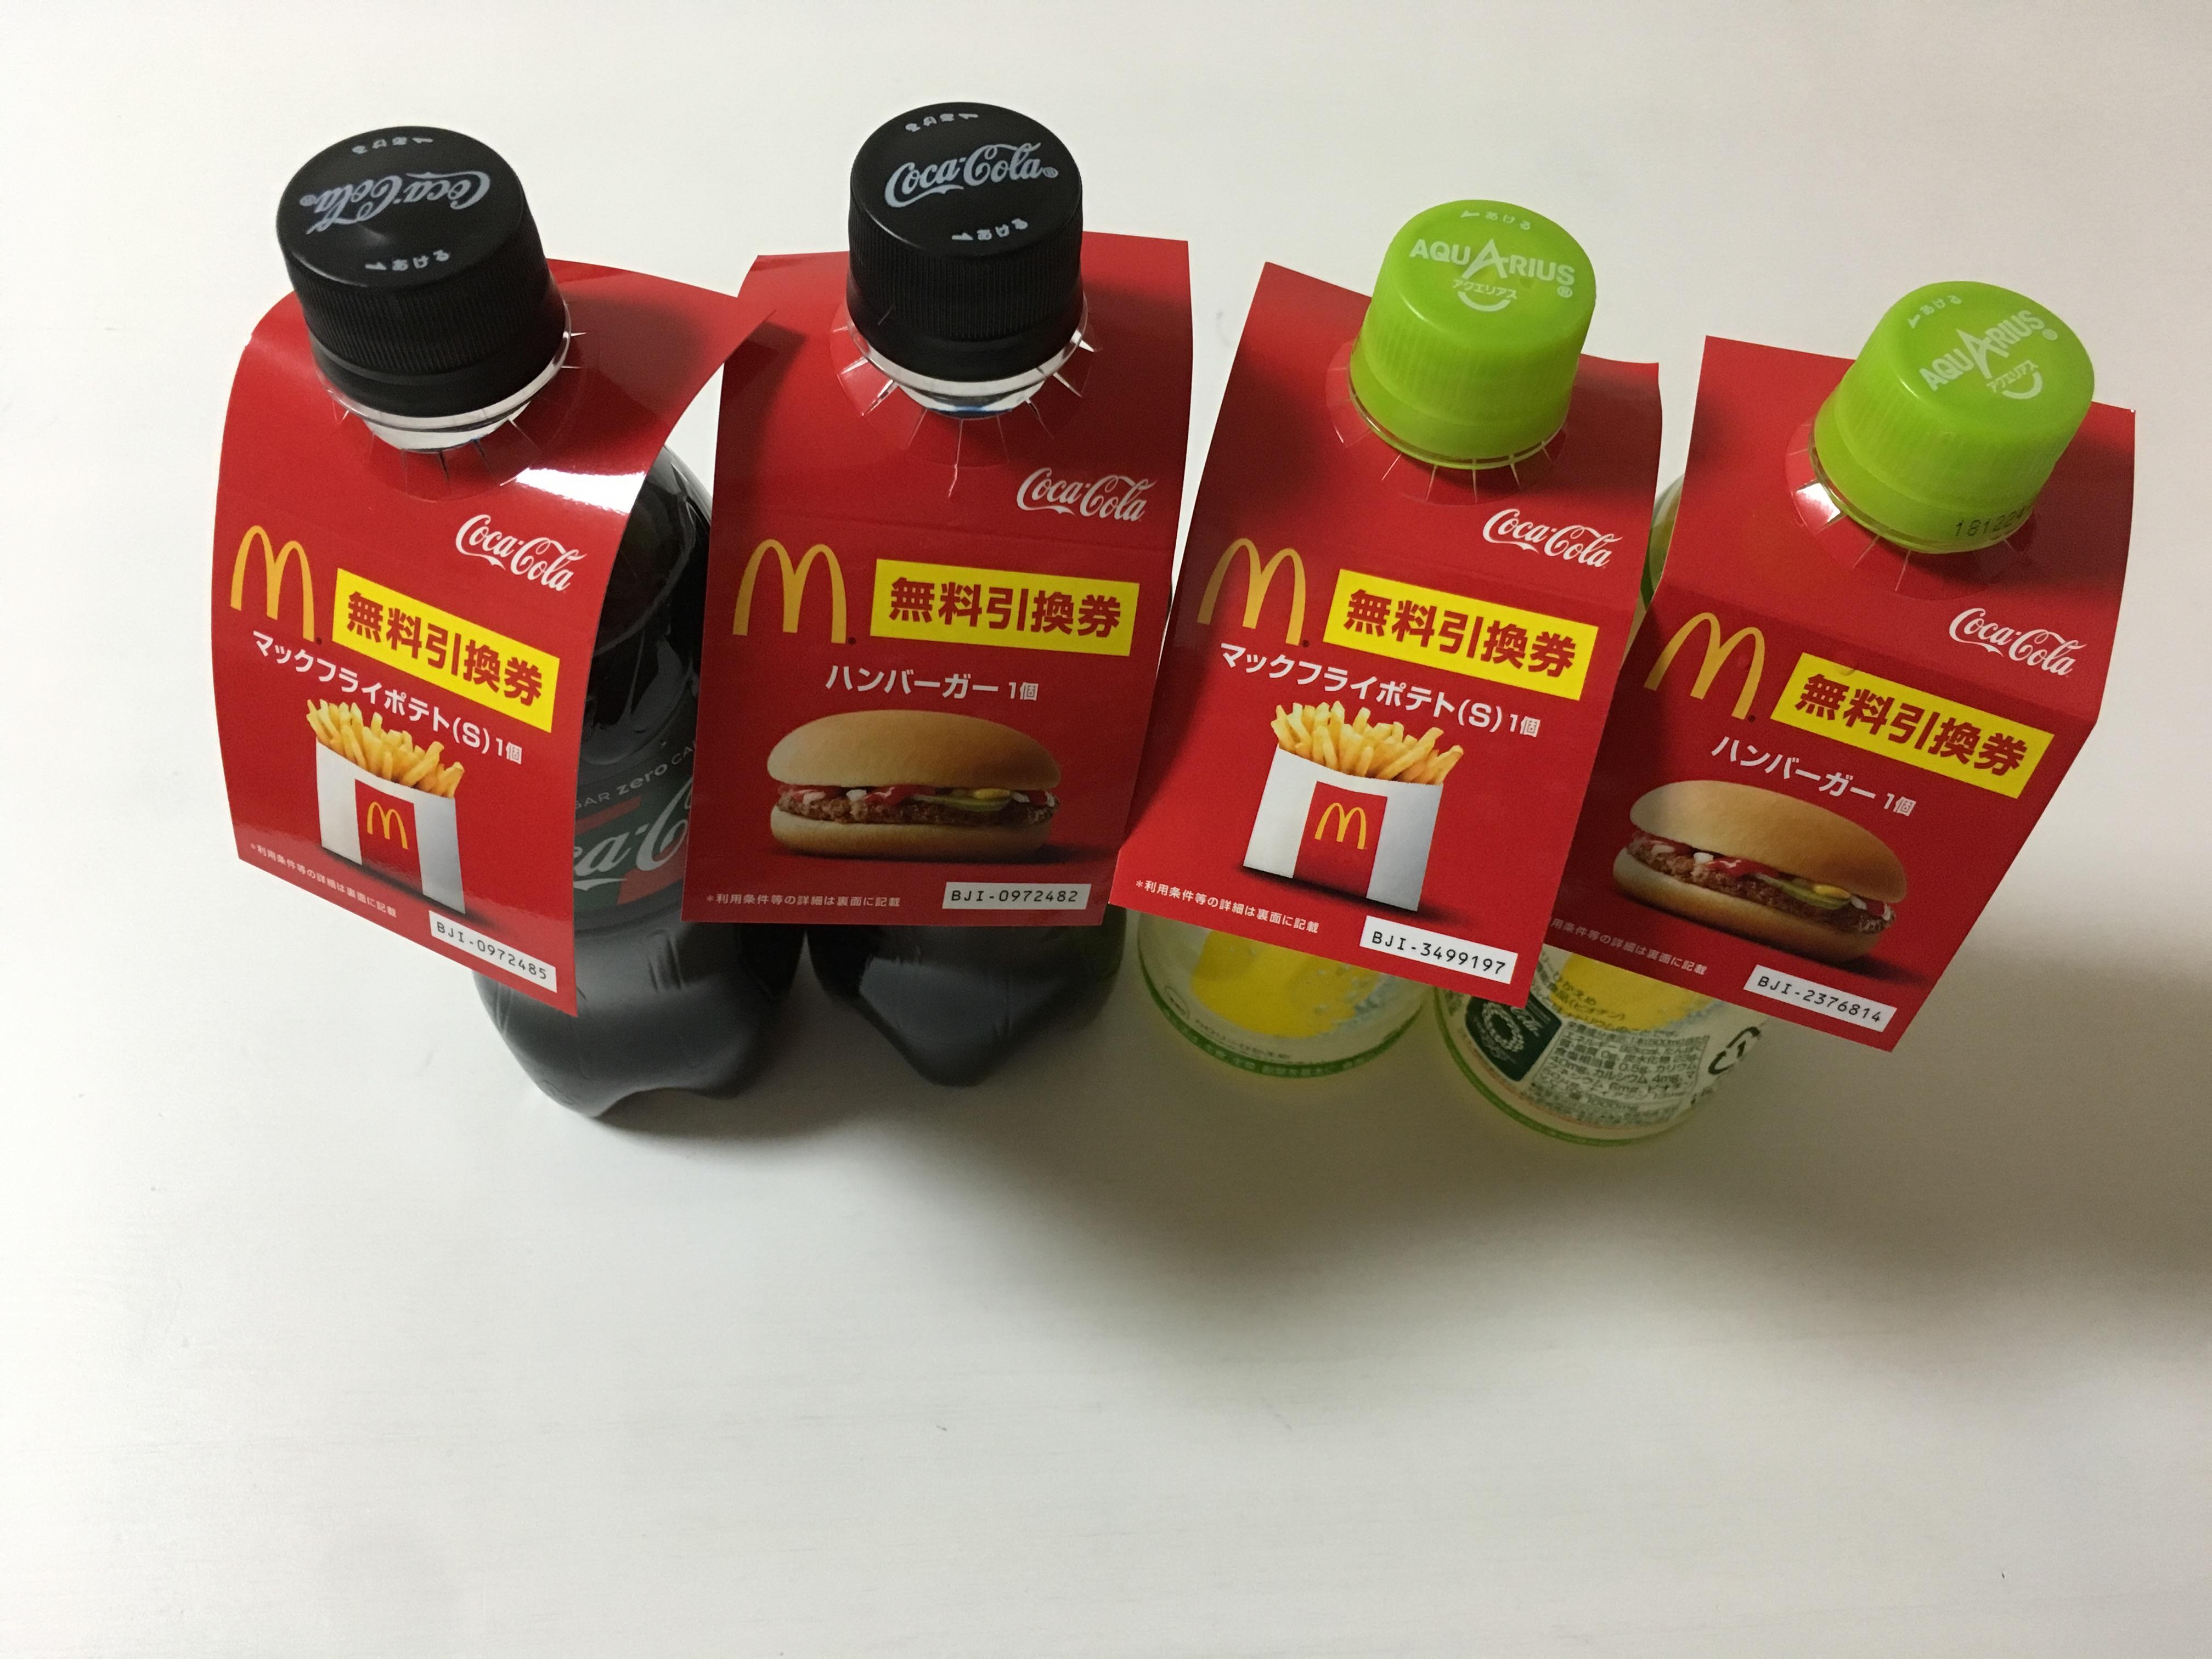 コカ・コーラ対象商品購入でマックの無料引換券がもらえます!